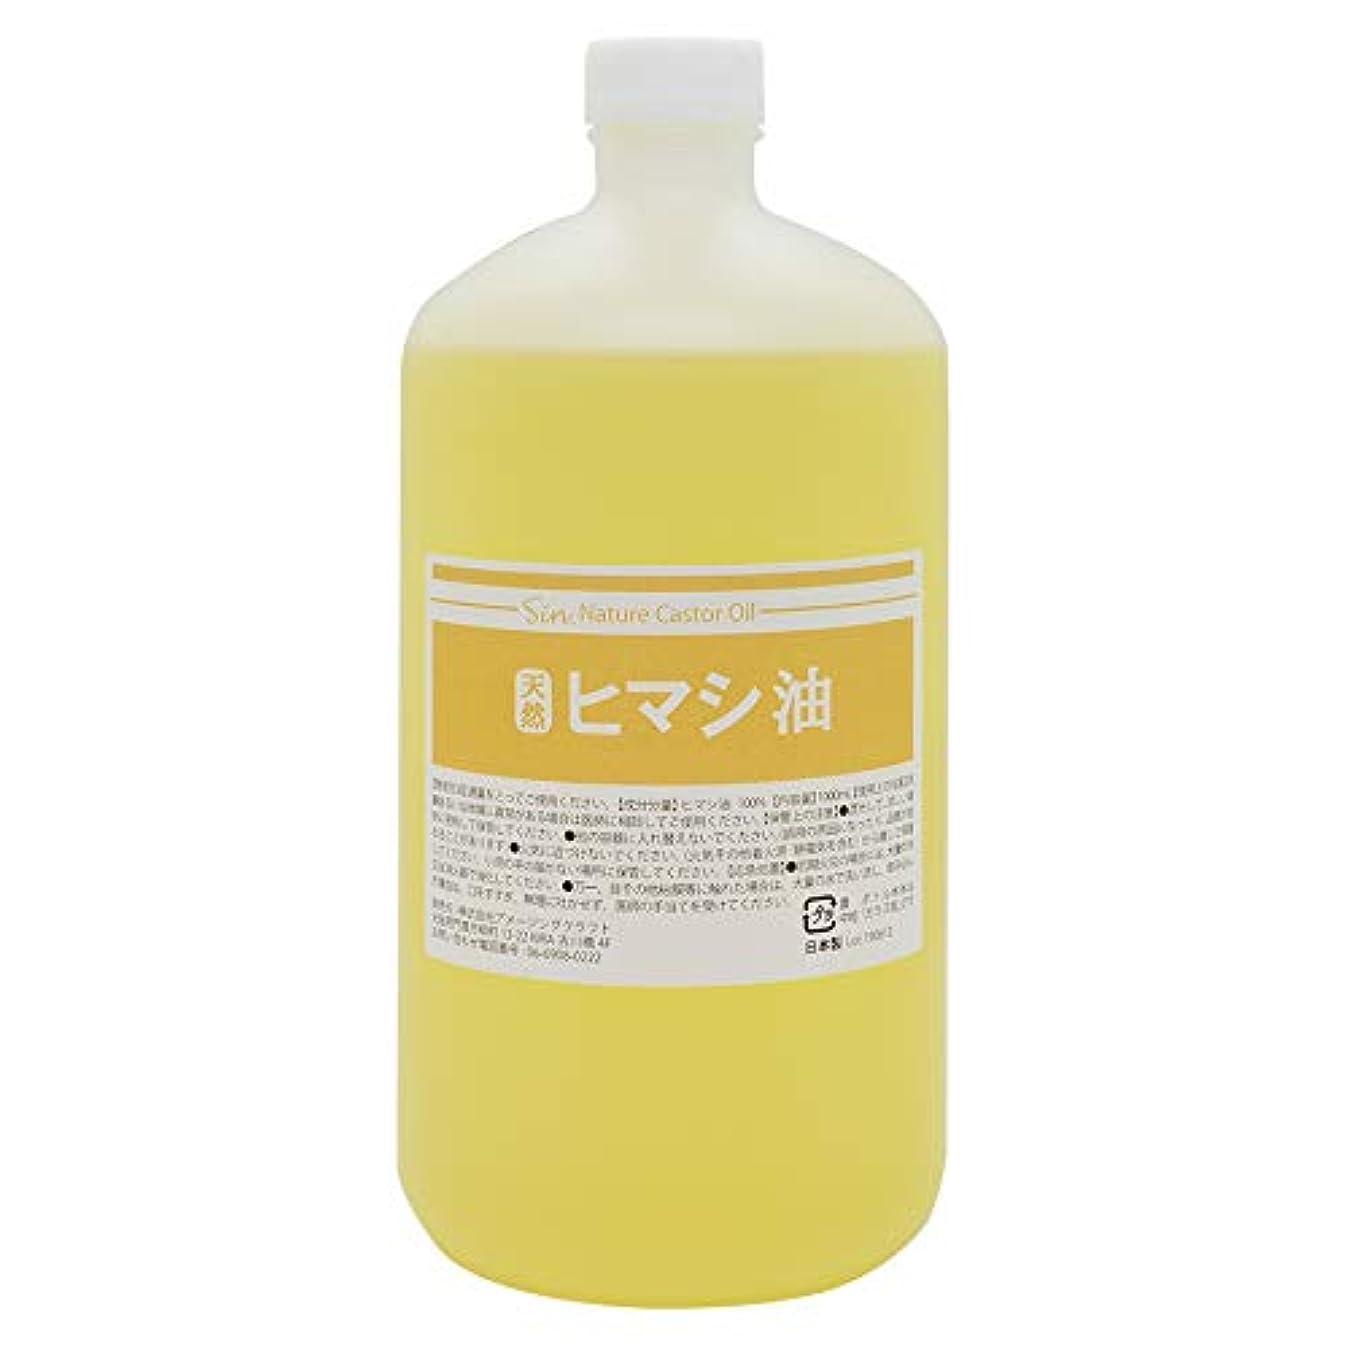 くびれた受動的慈善天然無添加 国内精製 ひまし油 1000ml (ヒマシ油 キャスターオイル)